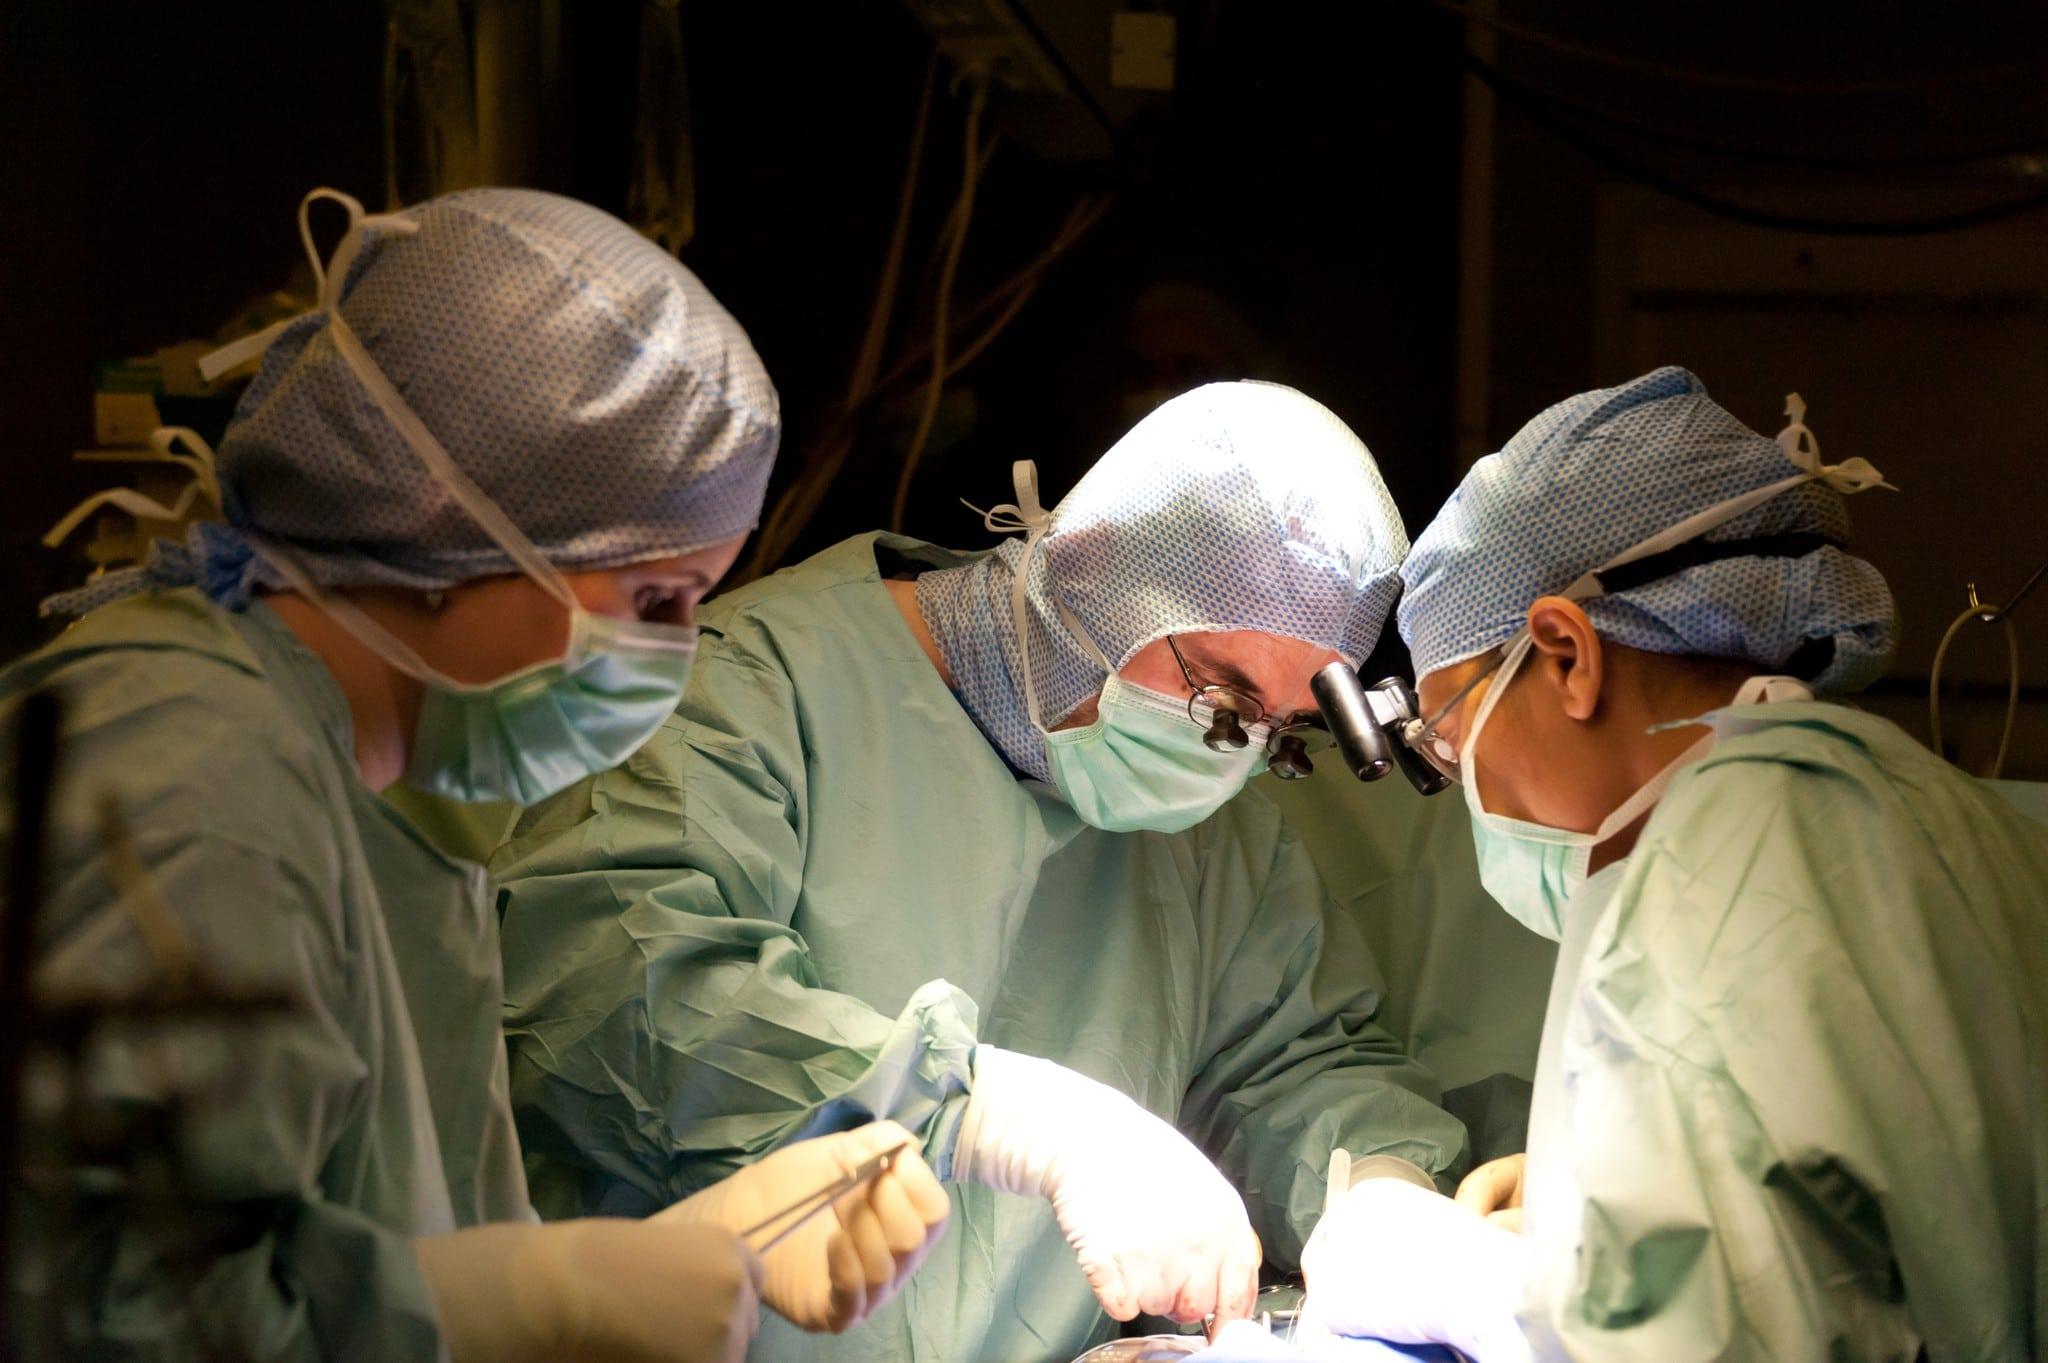 responsabilite des anesthesistes Charte de fonctionnement des équipes anesthésiques et chirurgicales relations entre anesthesistes -reanimateurs et chirurgiens ou autres specialistes.